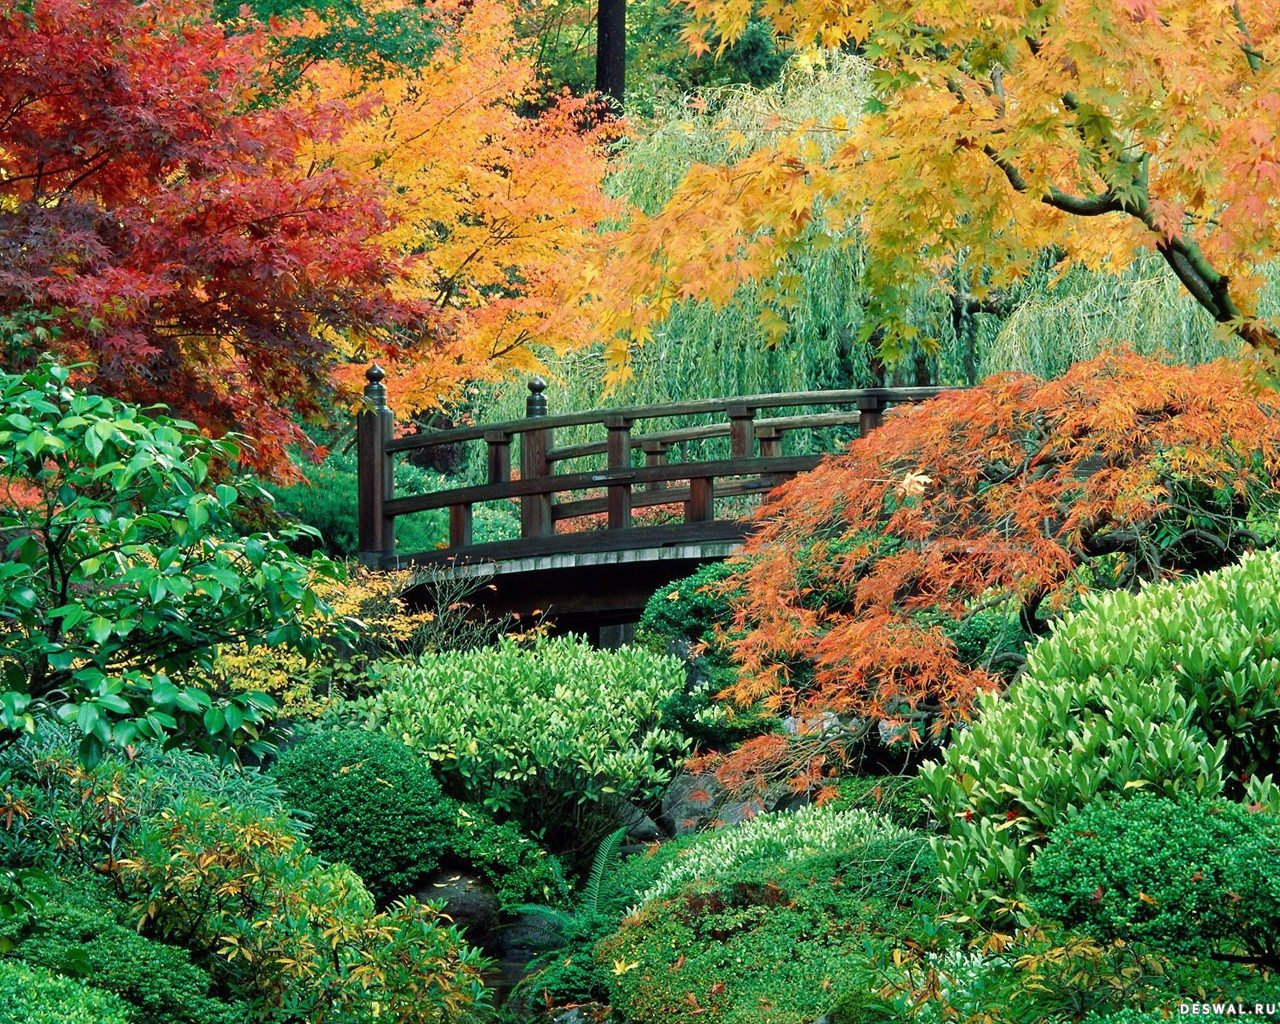 Осенний сад с мостом нажмите на